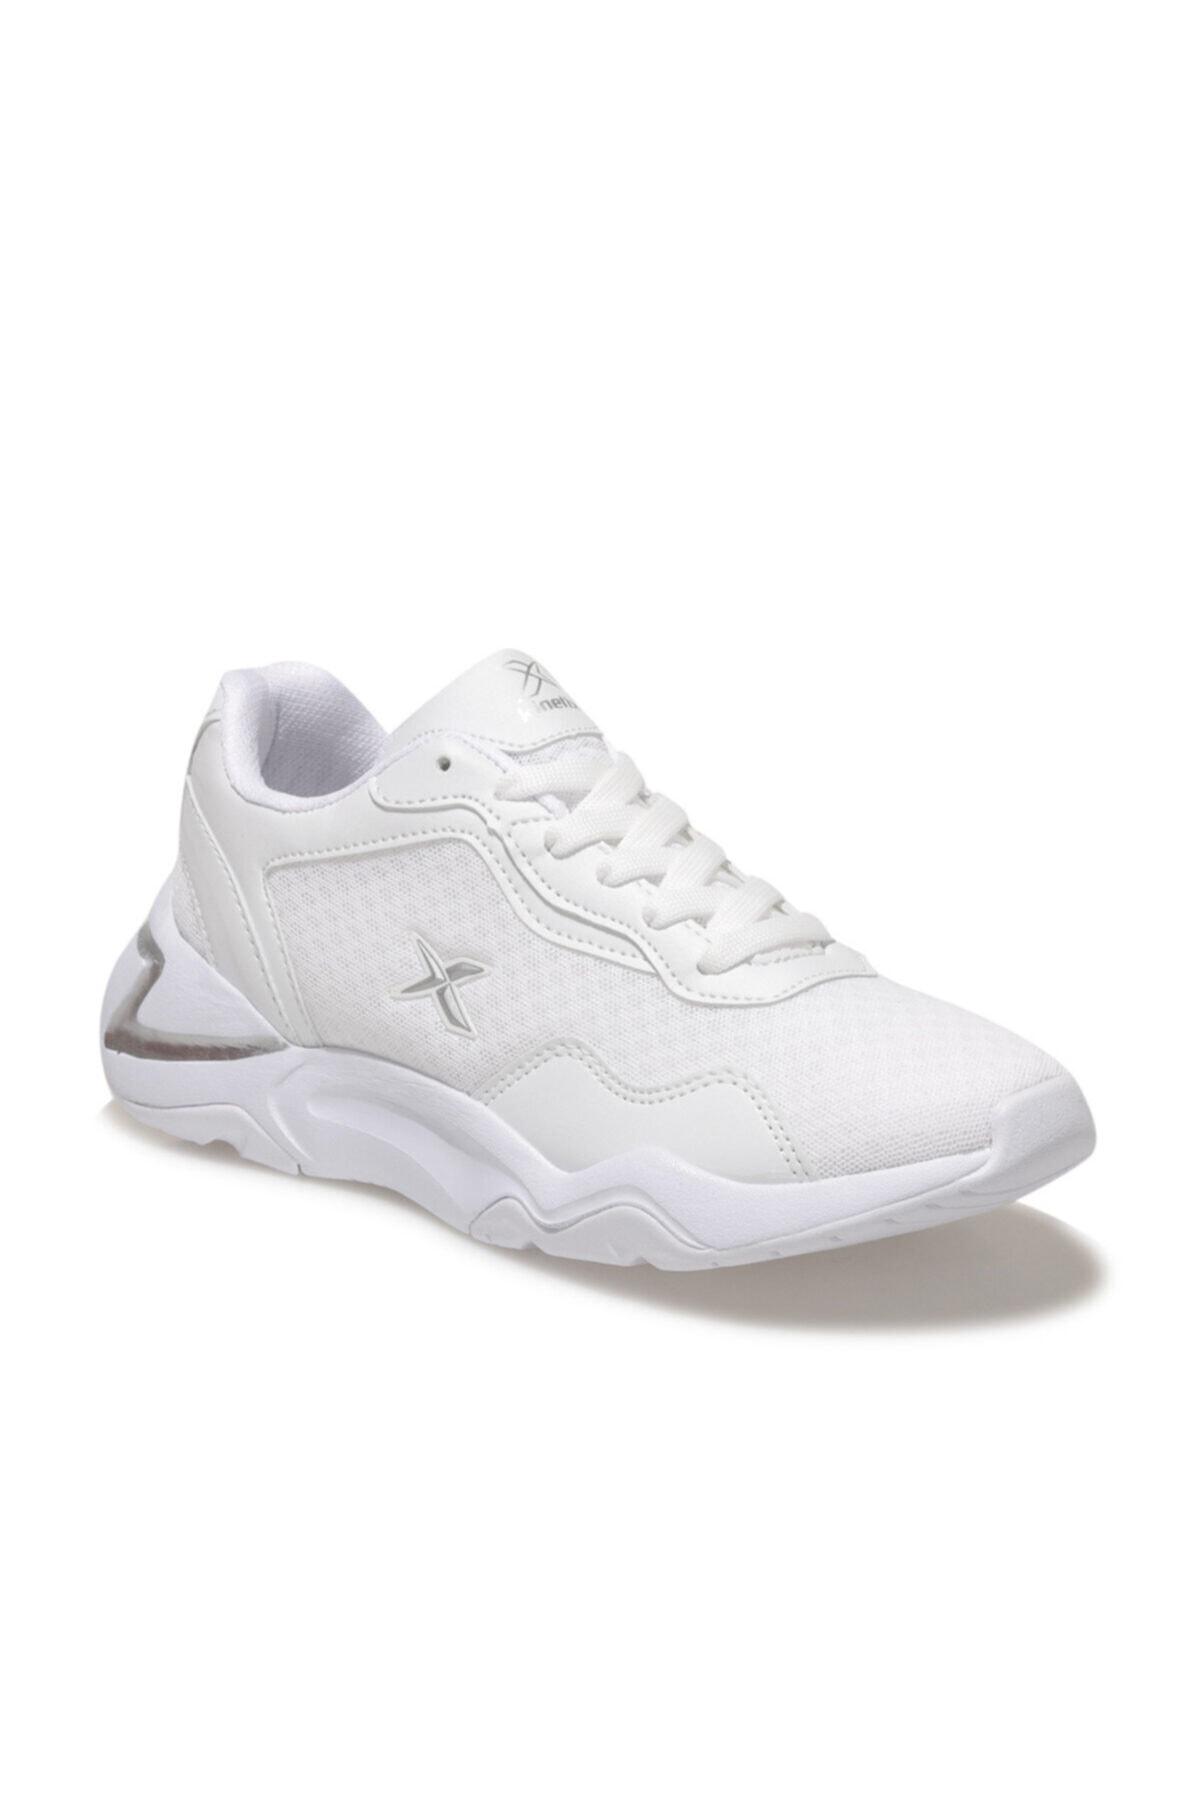 Kadın Spor Ayakkabı Beyaz As00585711 100782283 Bonı Mesh W 1fx